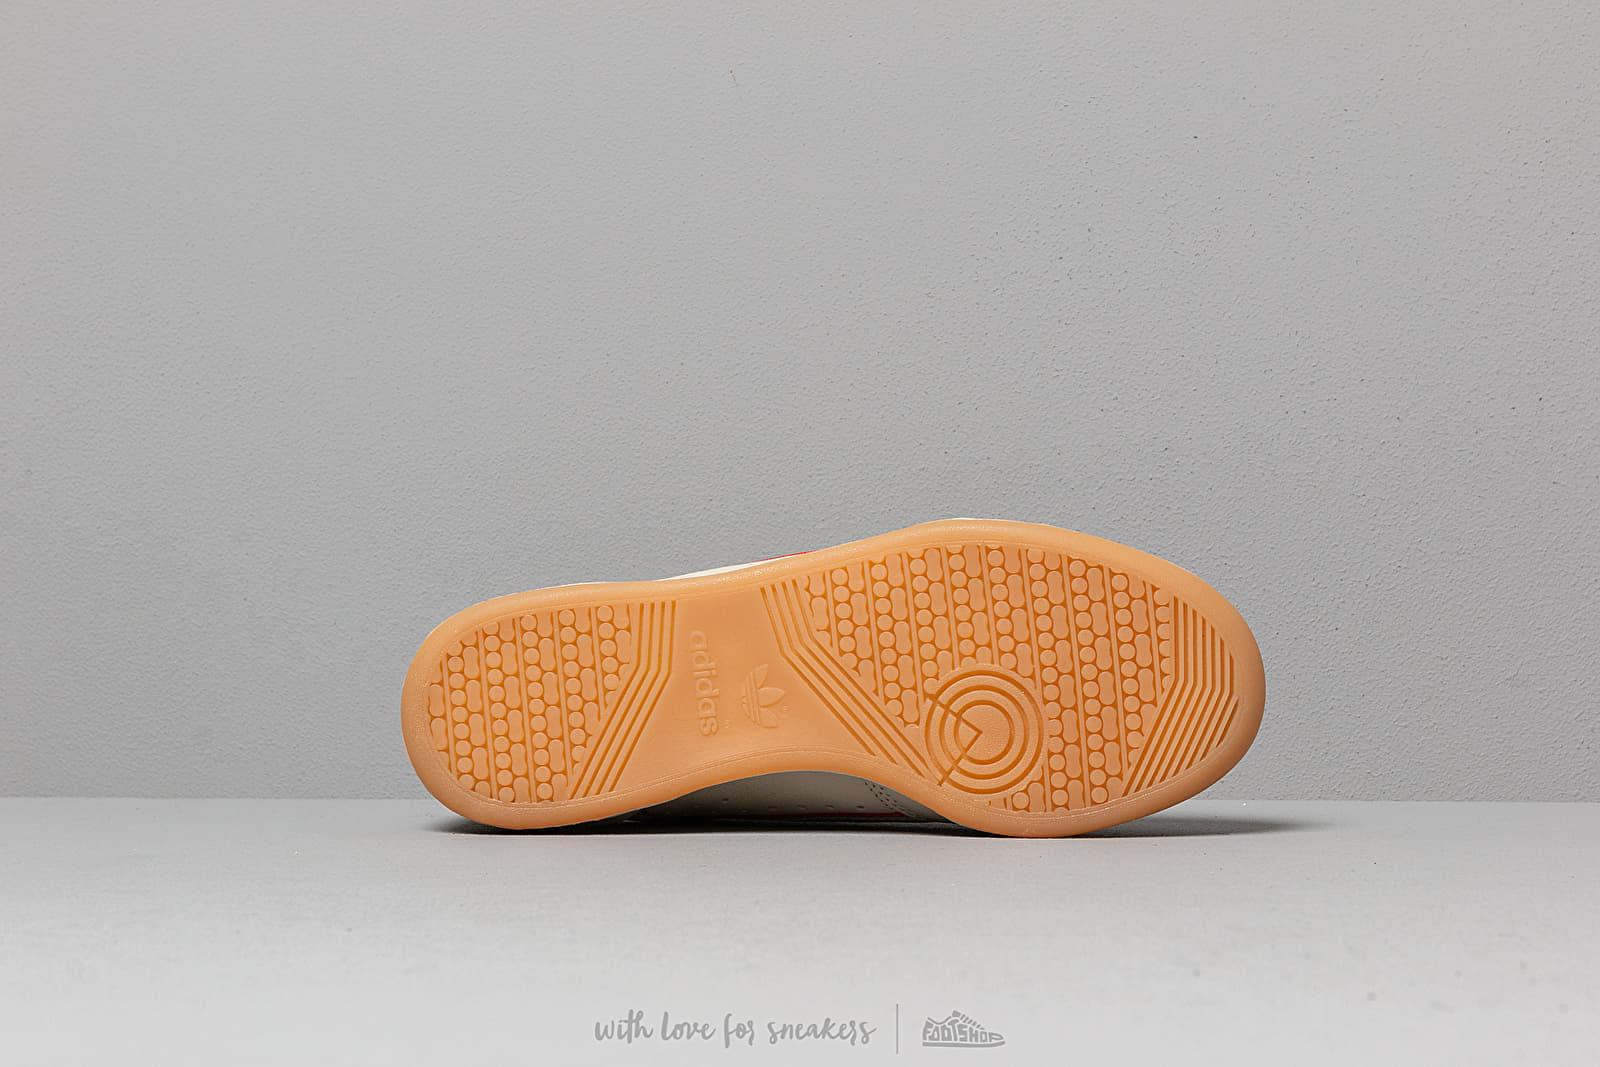 adidas Continental 80 Core Brown Scarlet Ecru Tint | Footshop